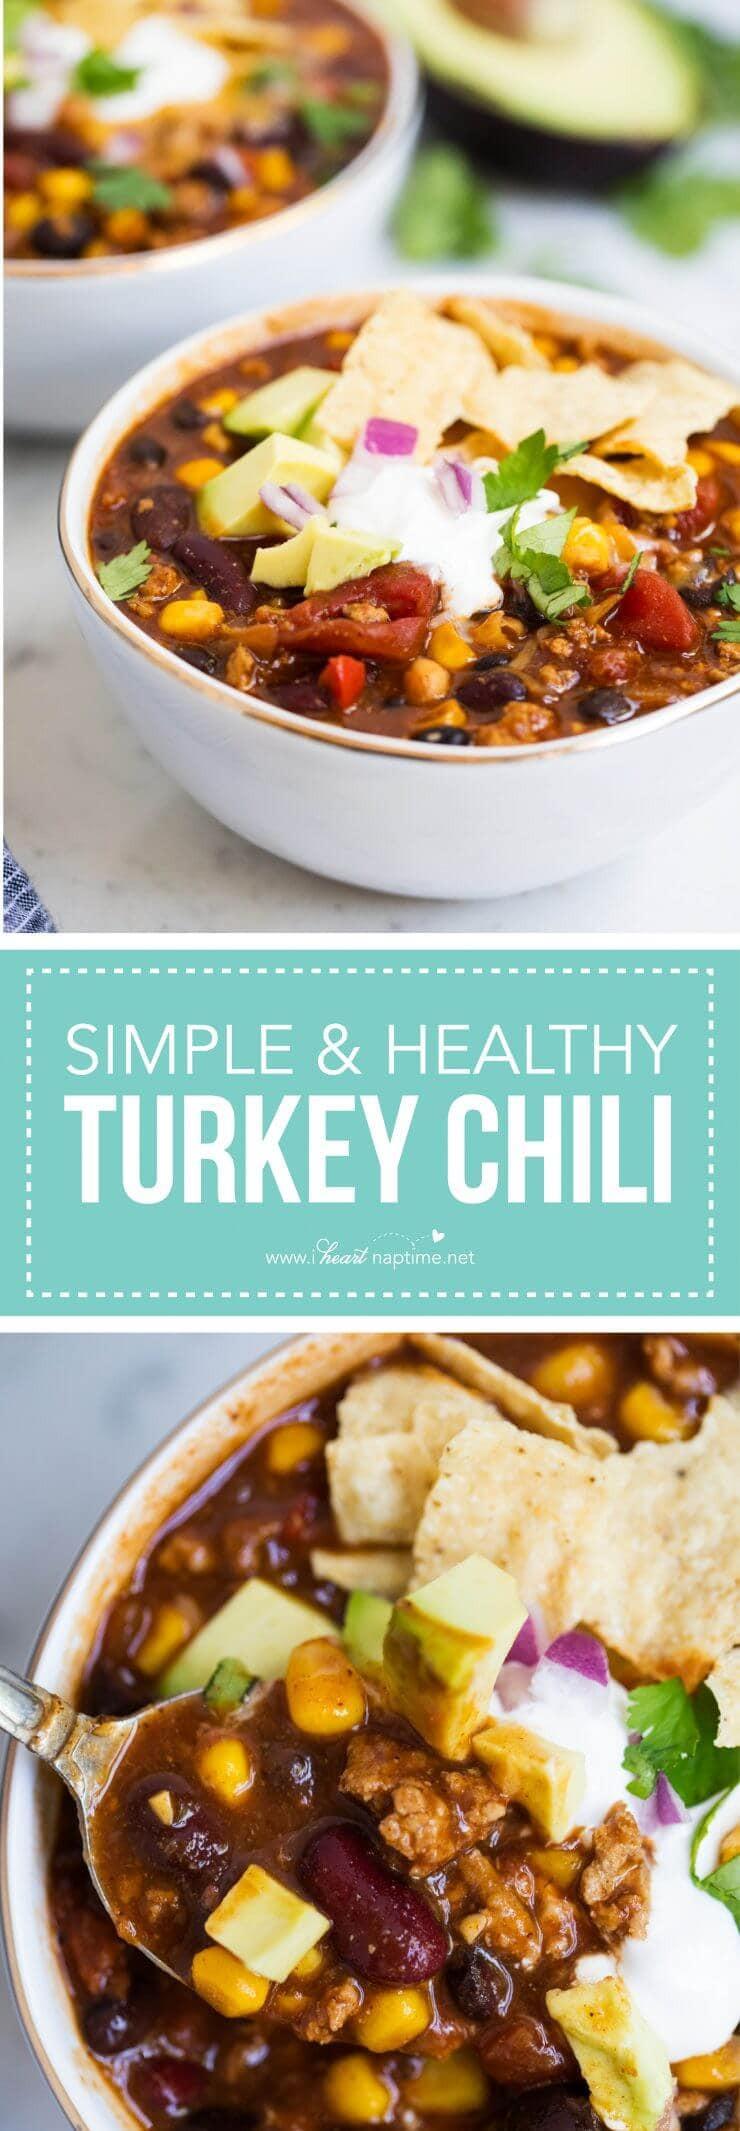 Heart Healthy Thanksgiving Recipes  EASY and Healthy Turkey Chili Recipe I Heart Naptime